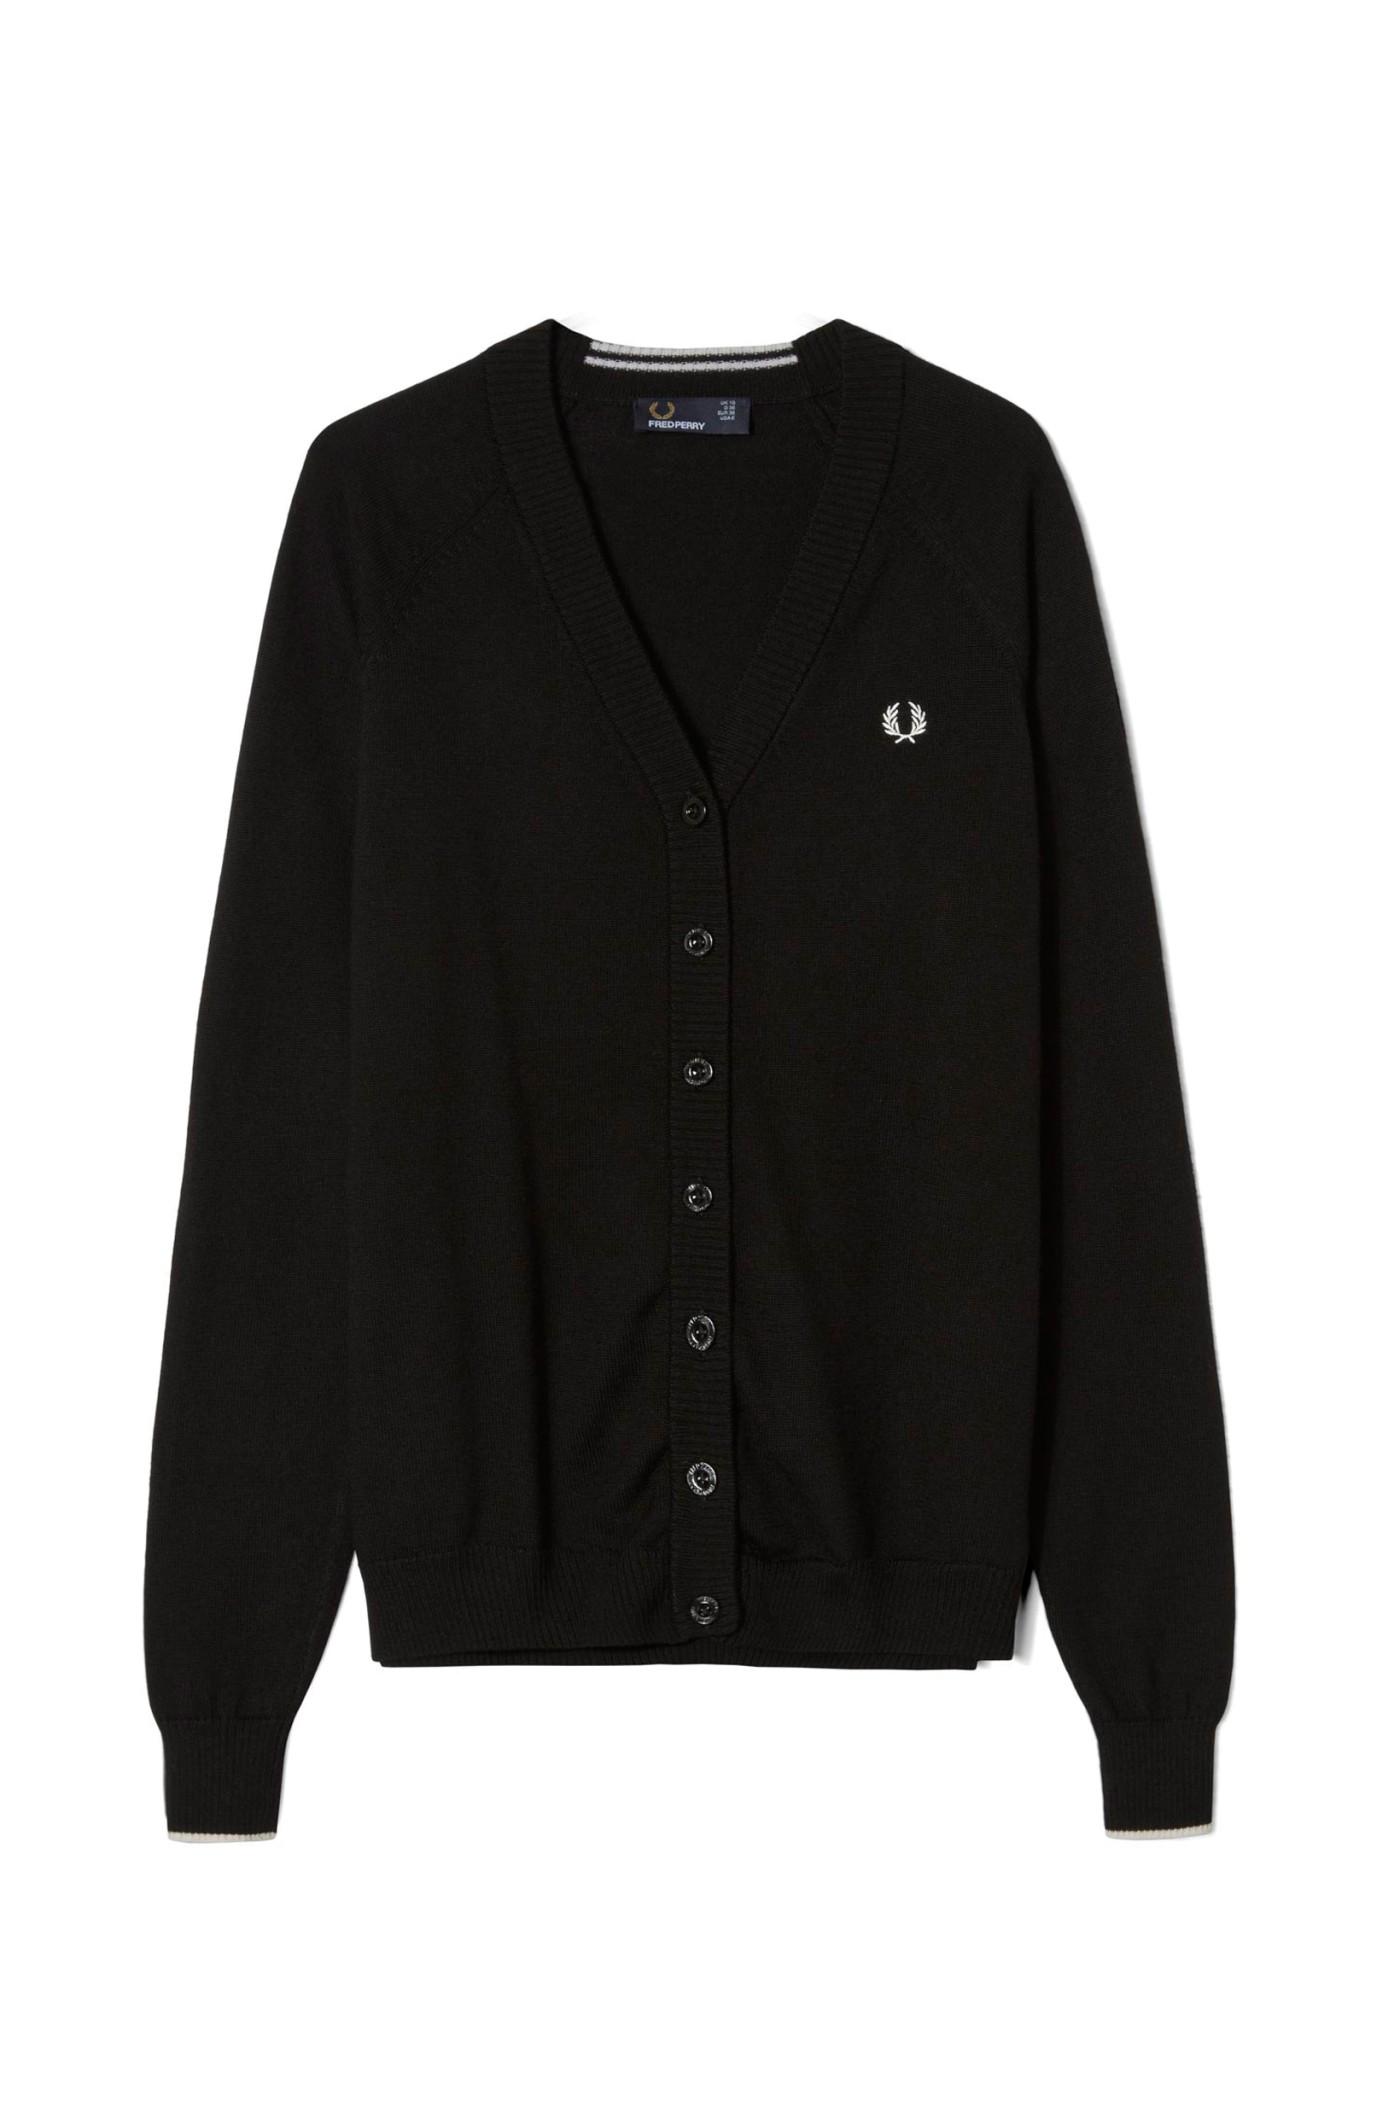 black cardigan 1 dshuysa